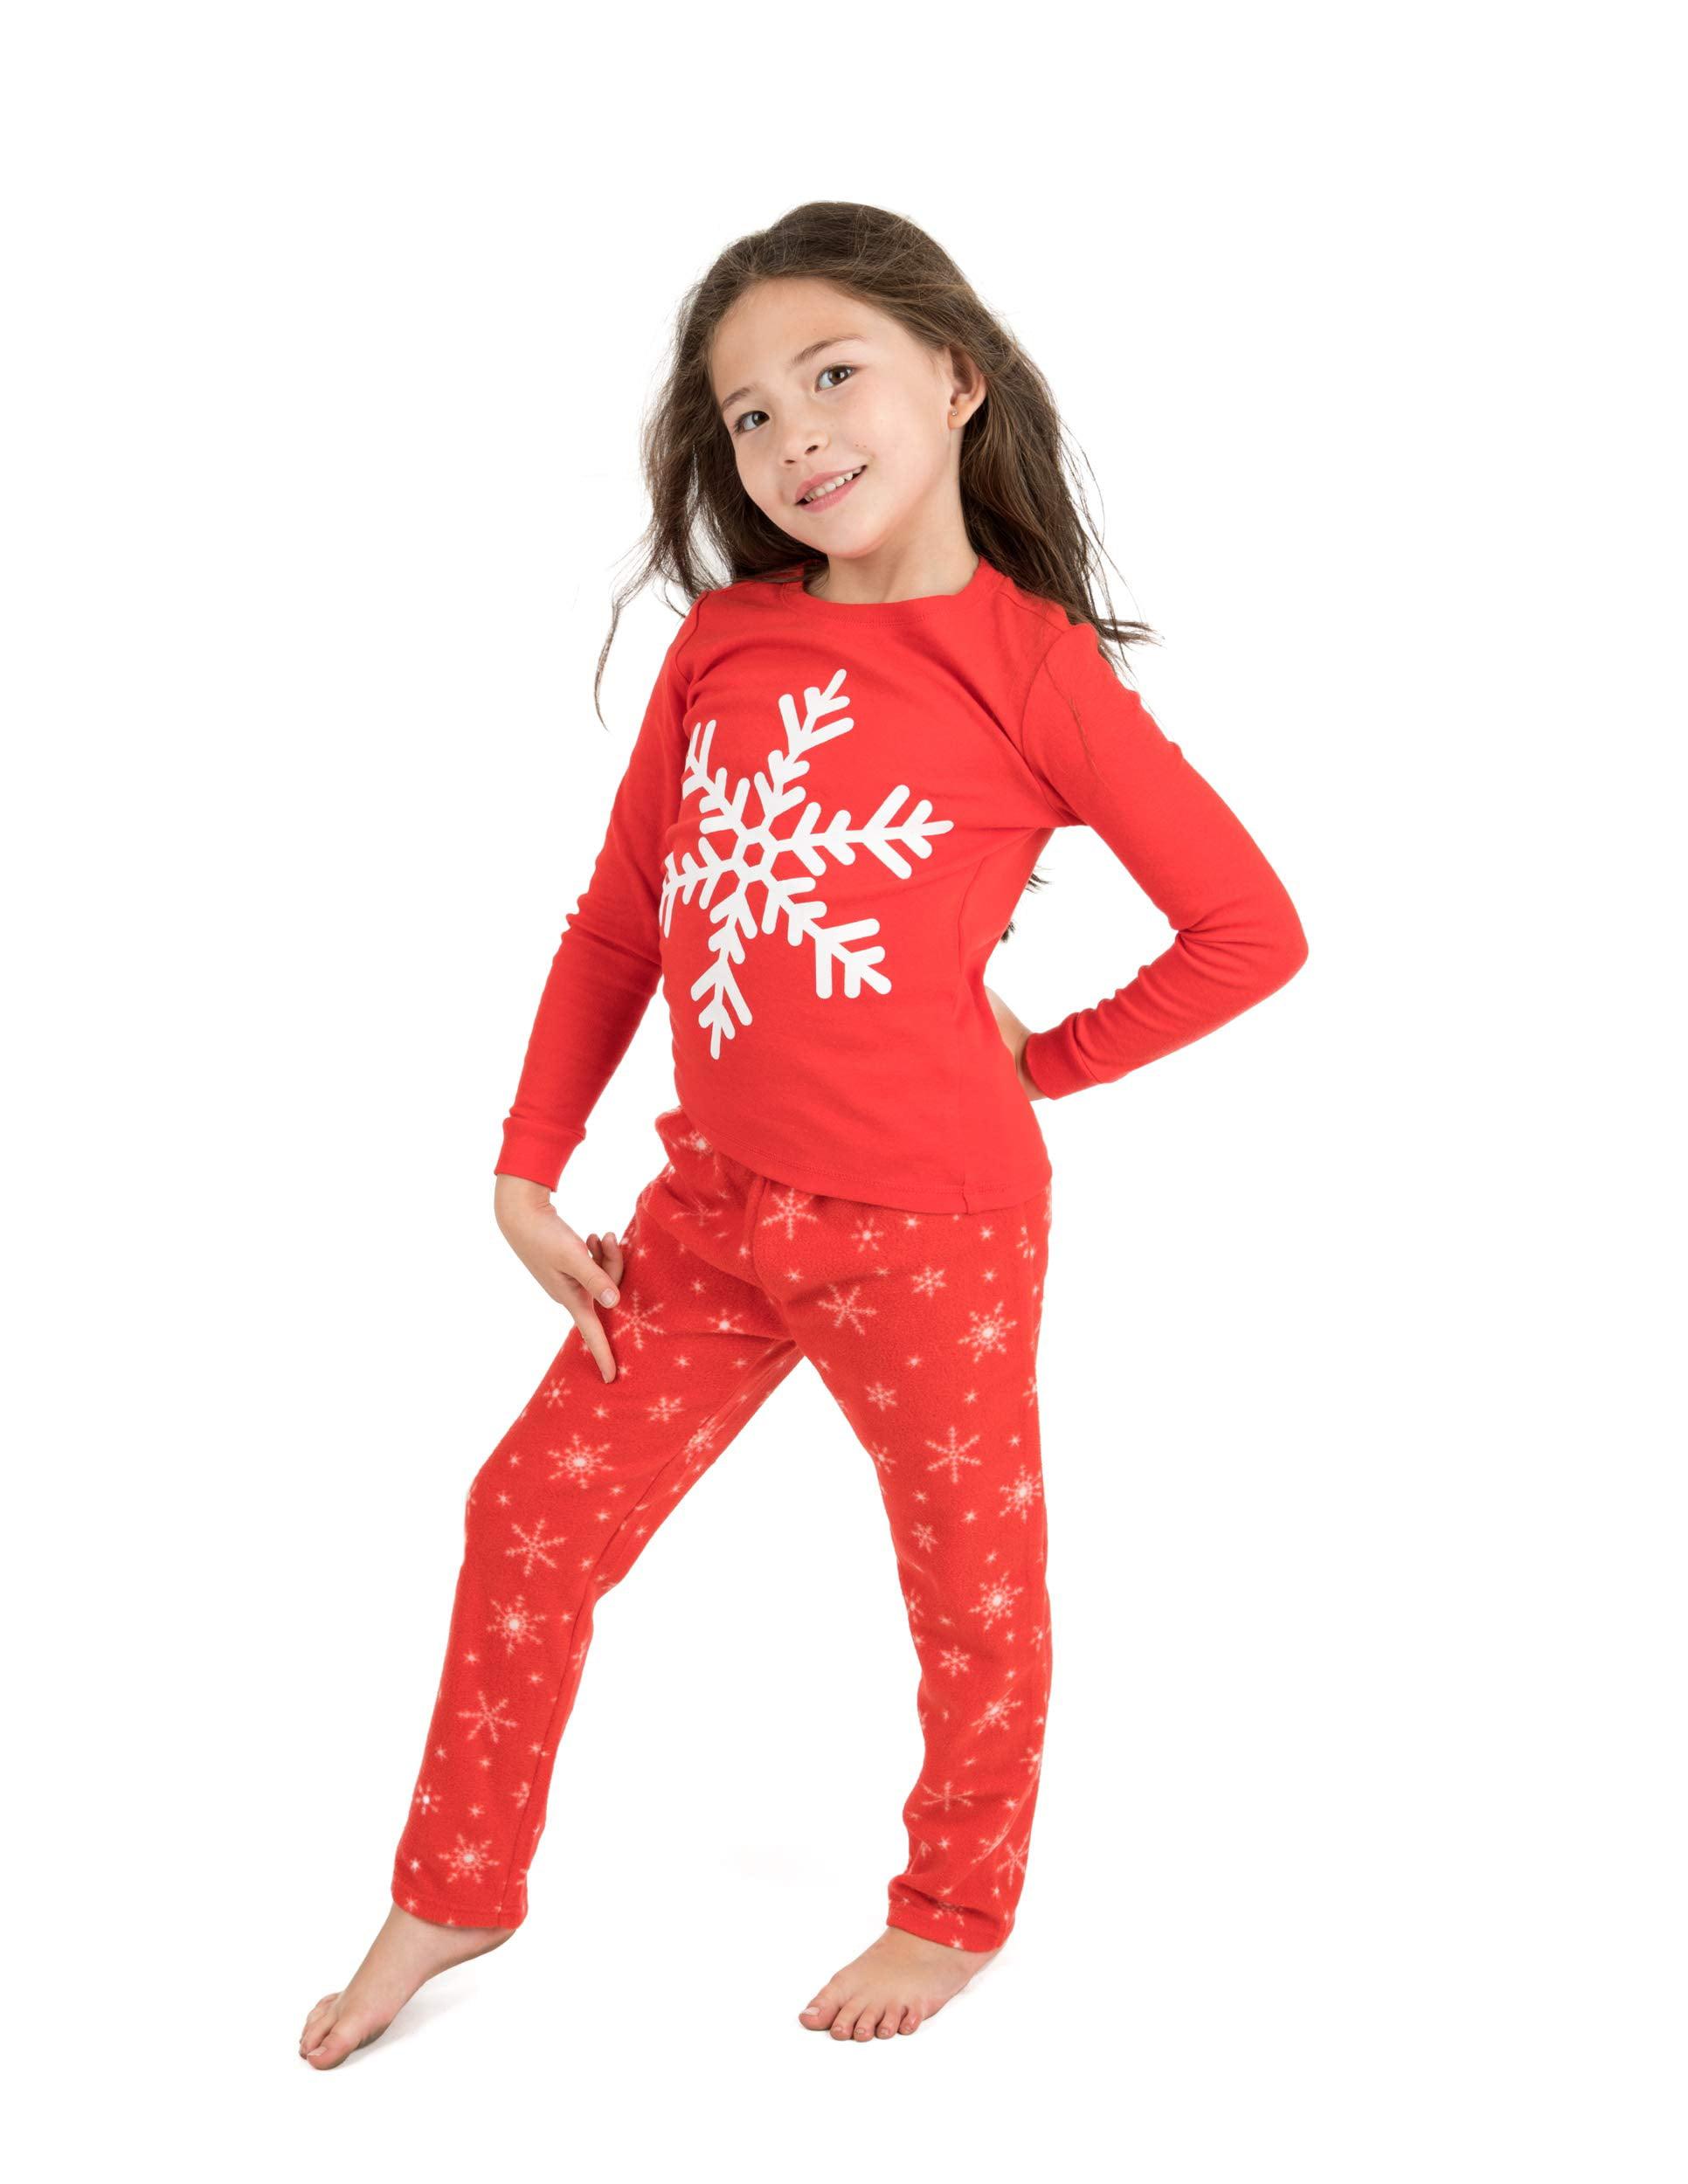 Leveret Kids Button Down Pajamas Boys /& Girls 2 Piece Christmas Pajama Set Size 2-14 Years